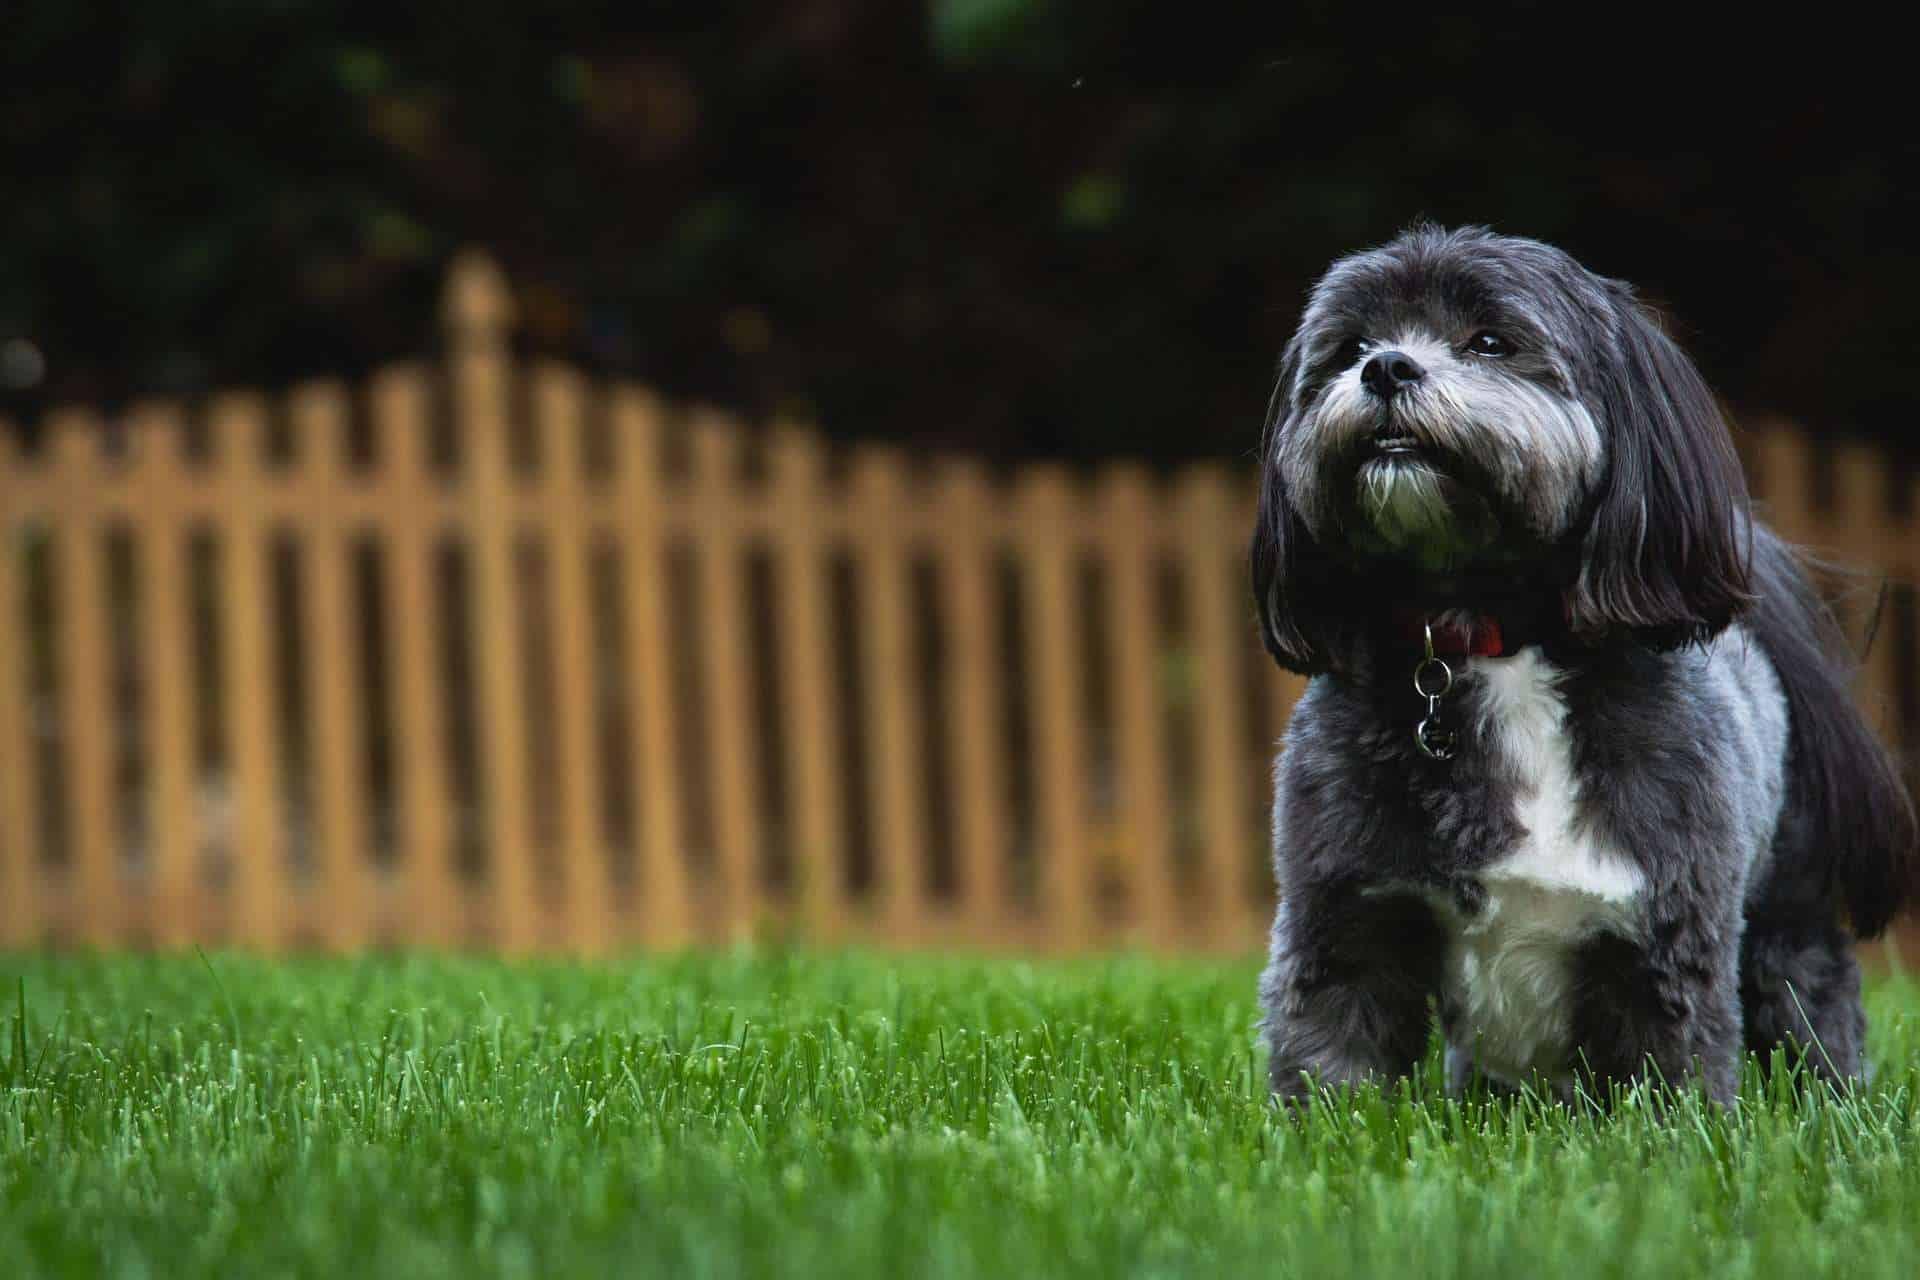 Hunde mit hoher Lebenserwartung, ein dunkler Shih Tzu im Garten. /pixabay